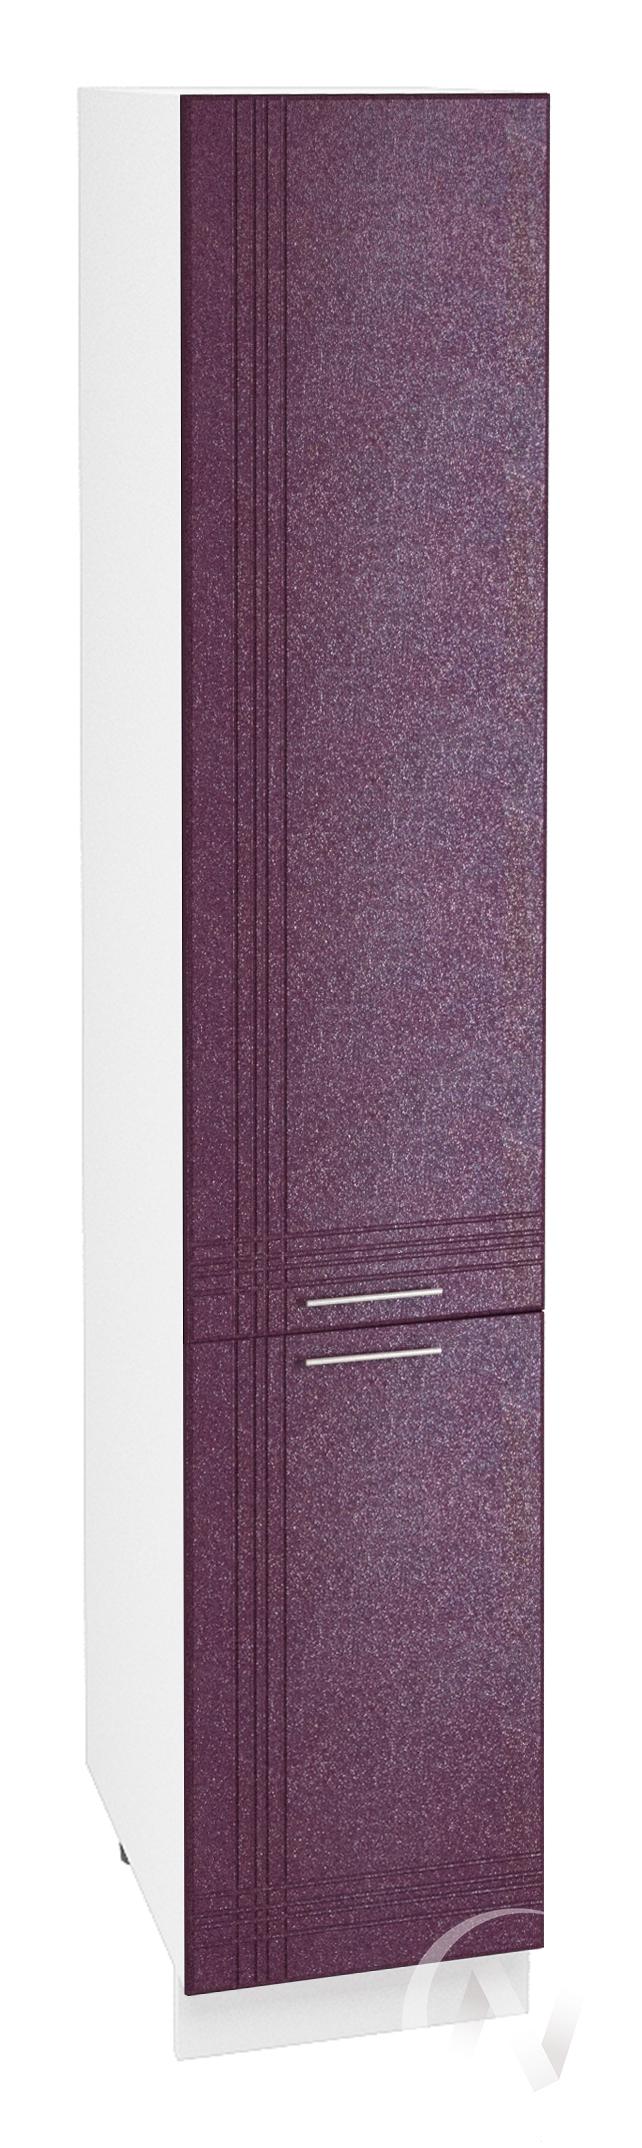 """Кухня """"Струна"""": Шкаф пенал 400, ШП 400 (фиолетовый металлик/корпус белый)"""